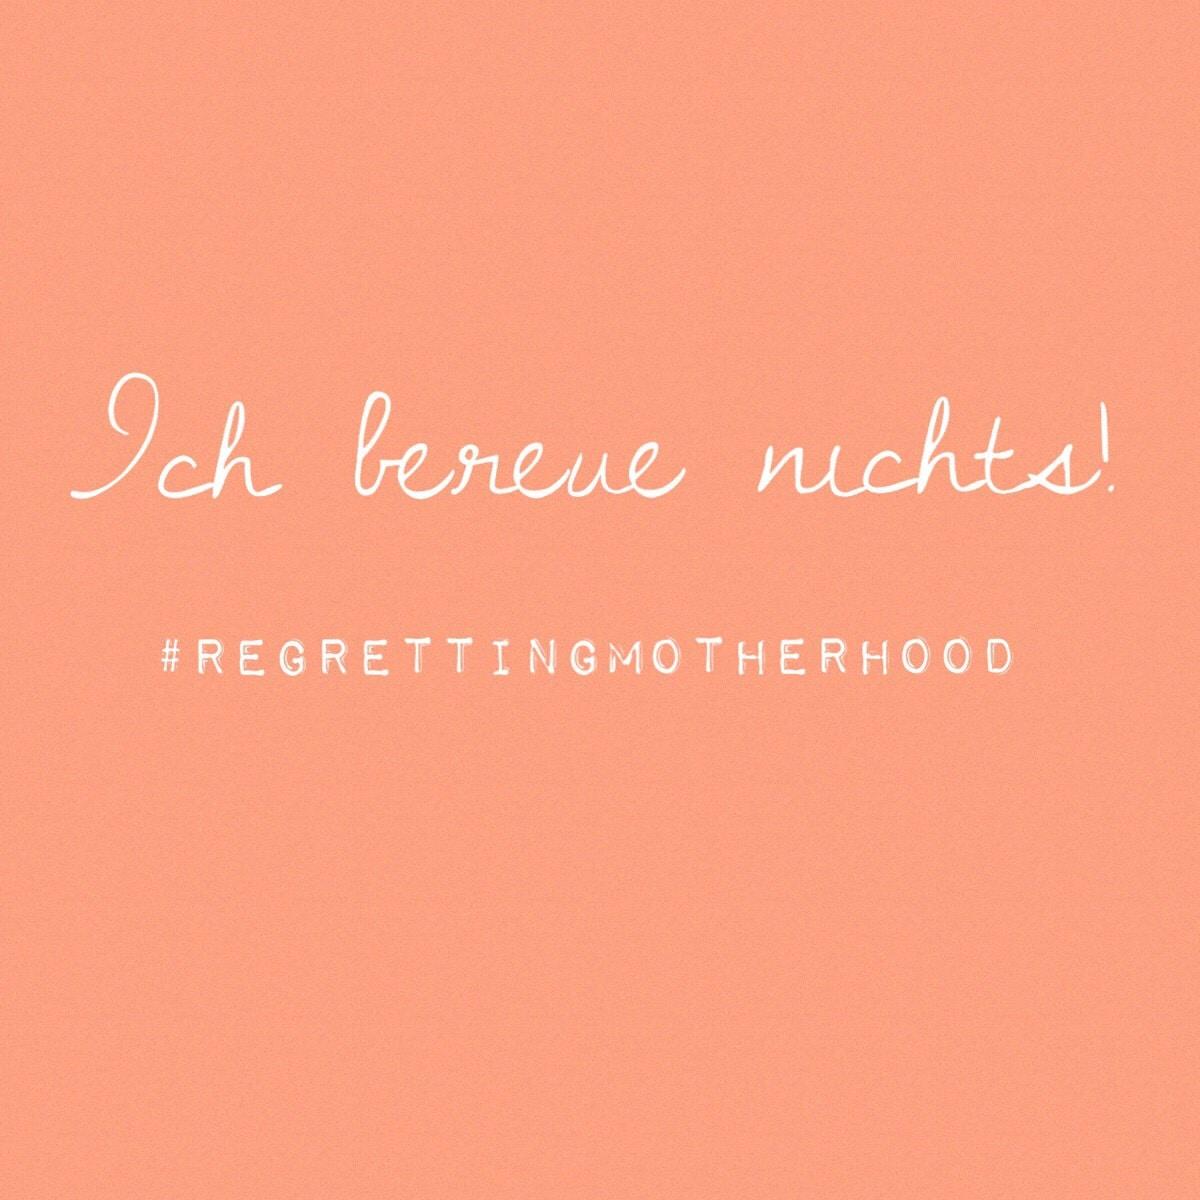 regretting motherhood, Mutterschaft bereuen, Ansprüchen an Mütter, die perfekte Mama, bin ich eine gute Mama, was die Gesellschaft von Müttern verlangt